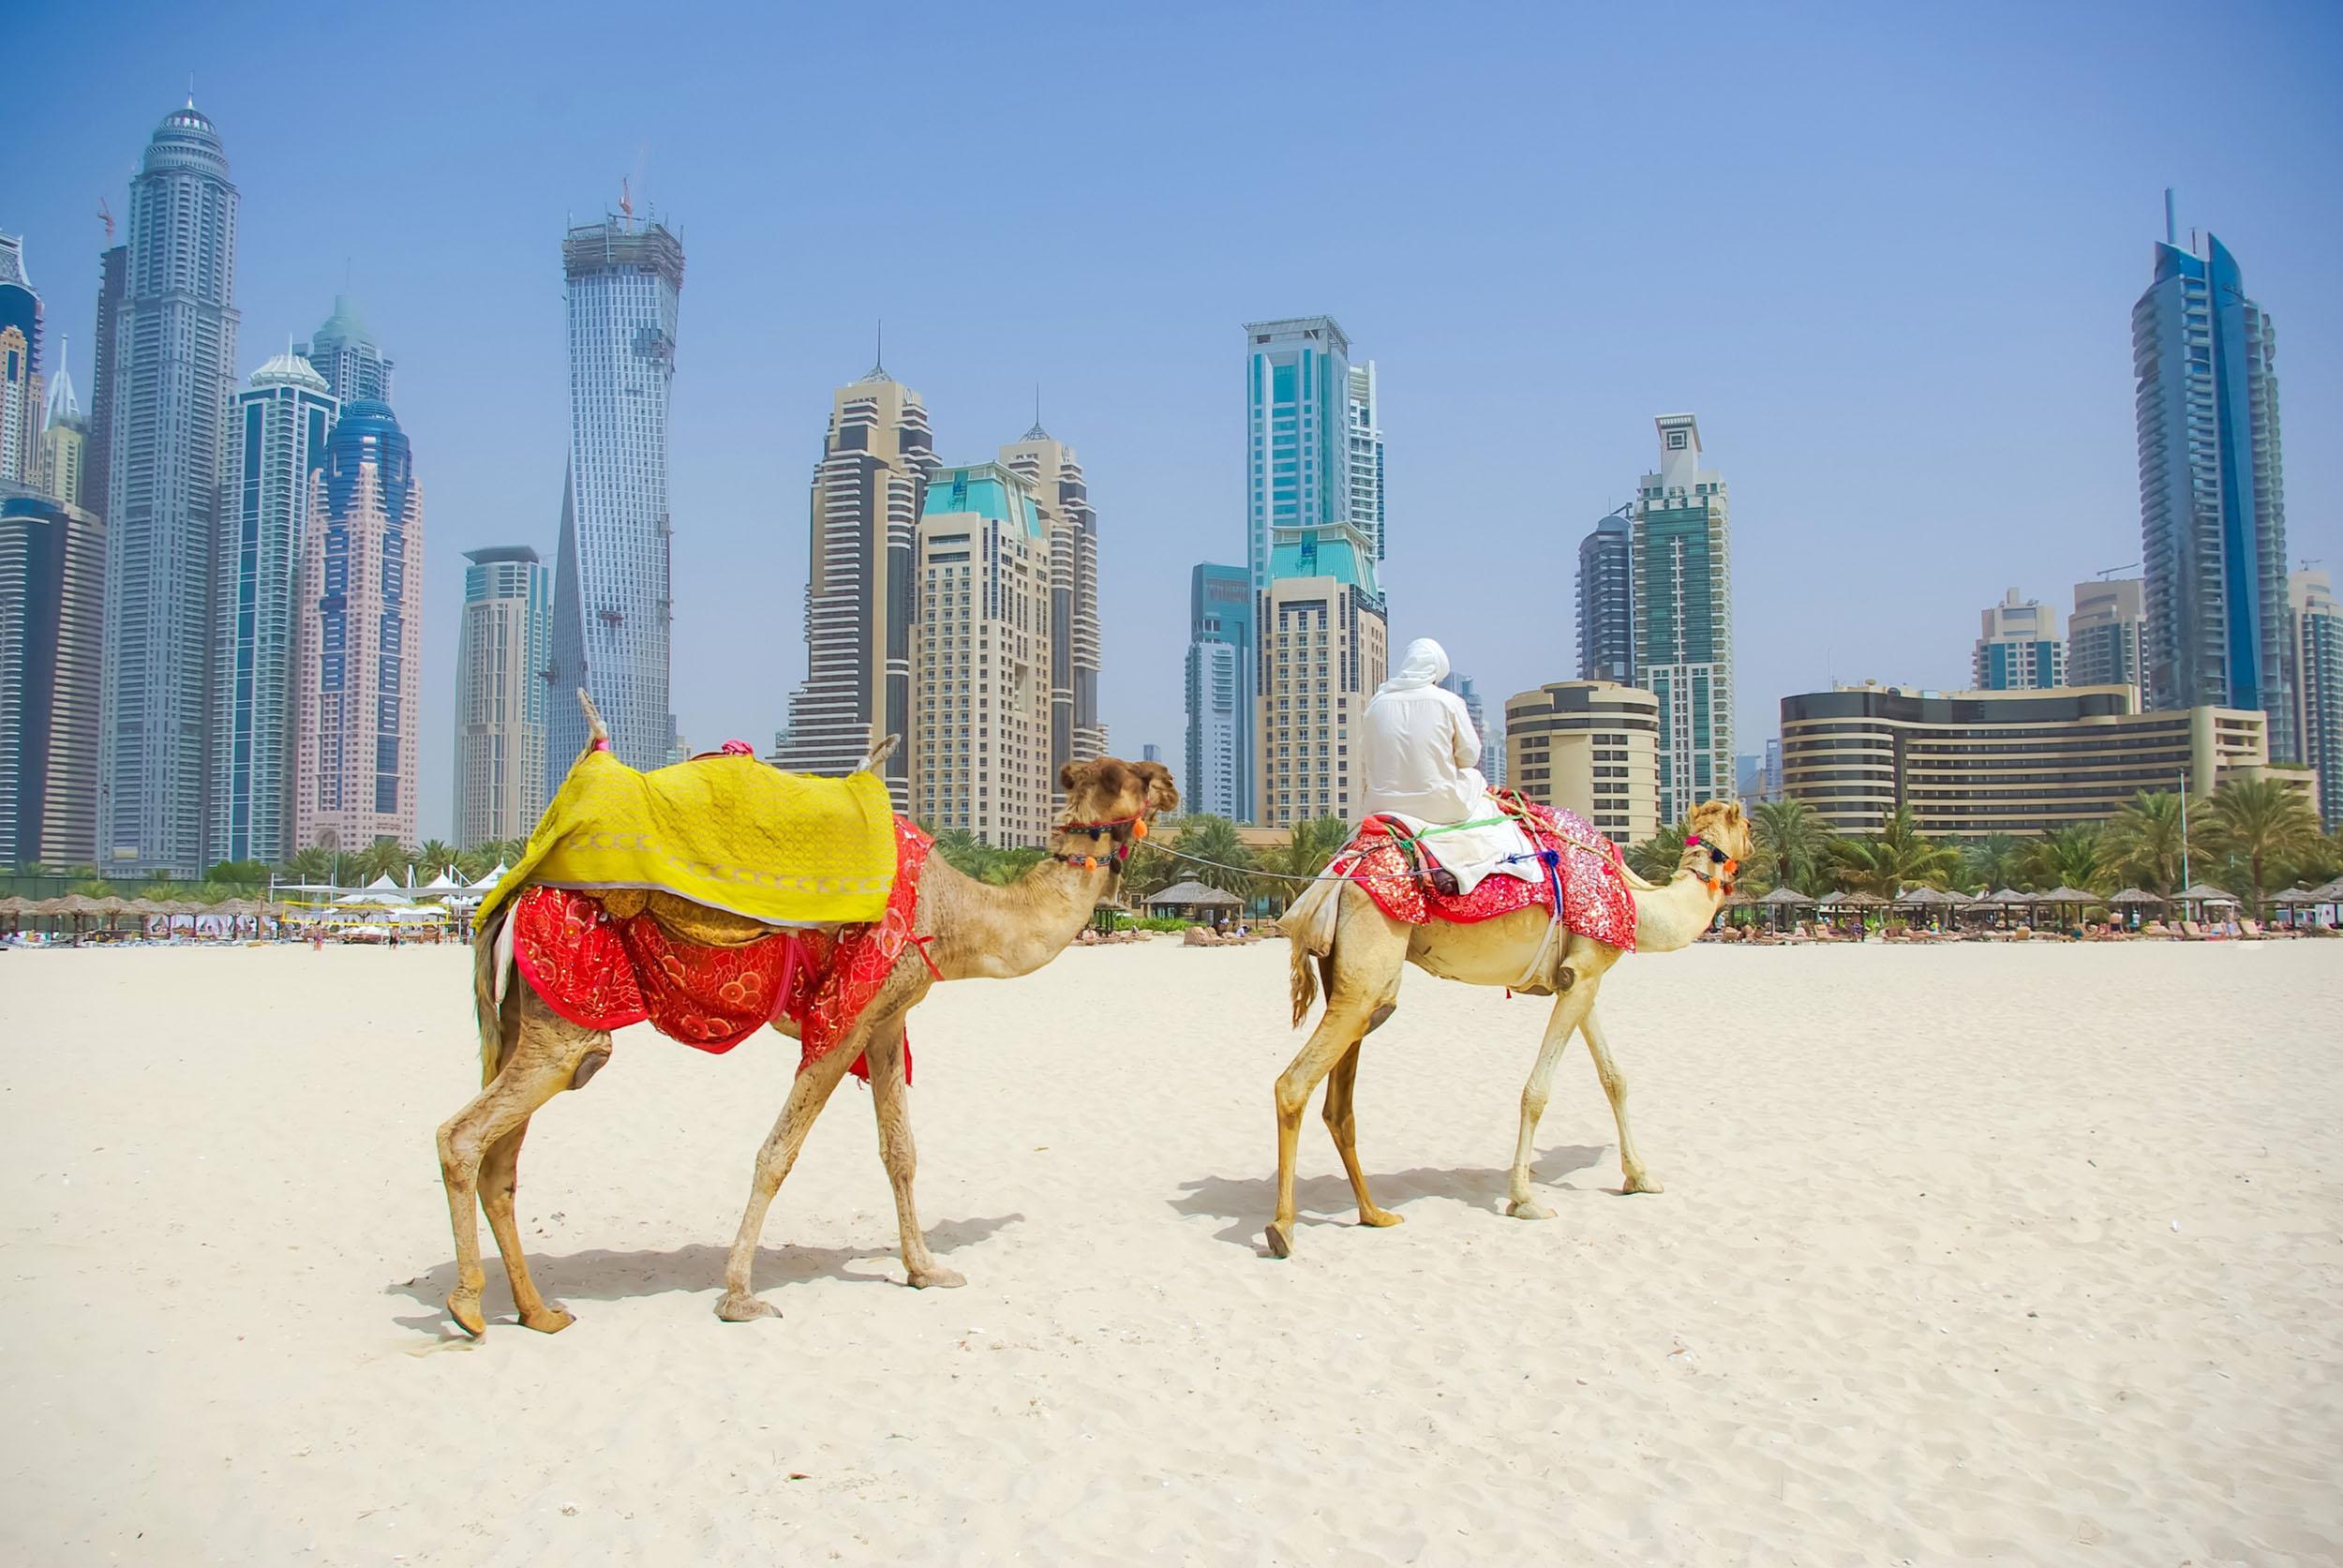 3.Dubai, UAE